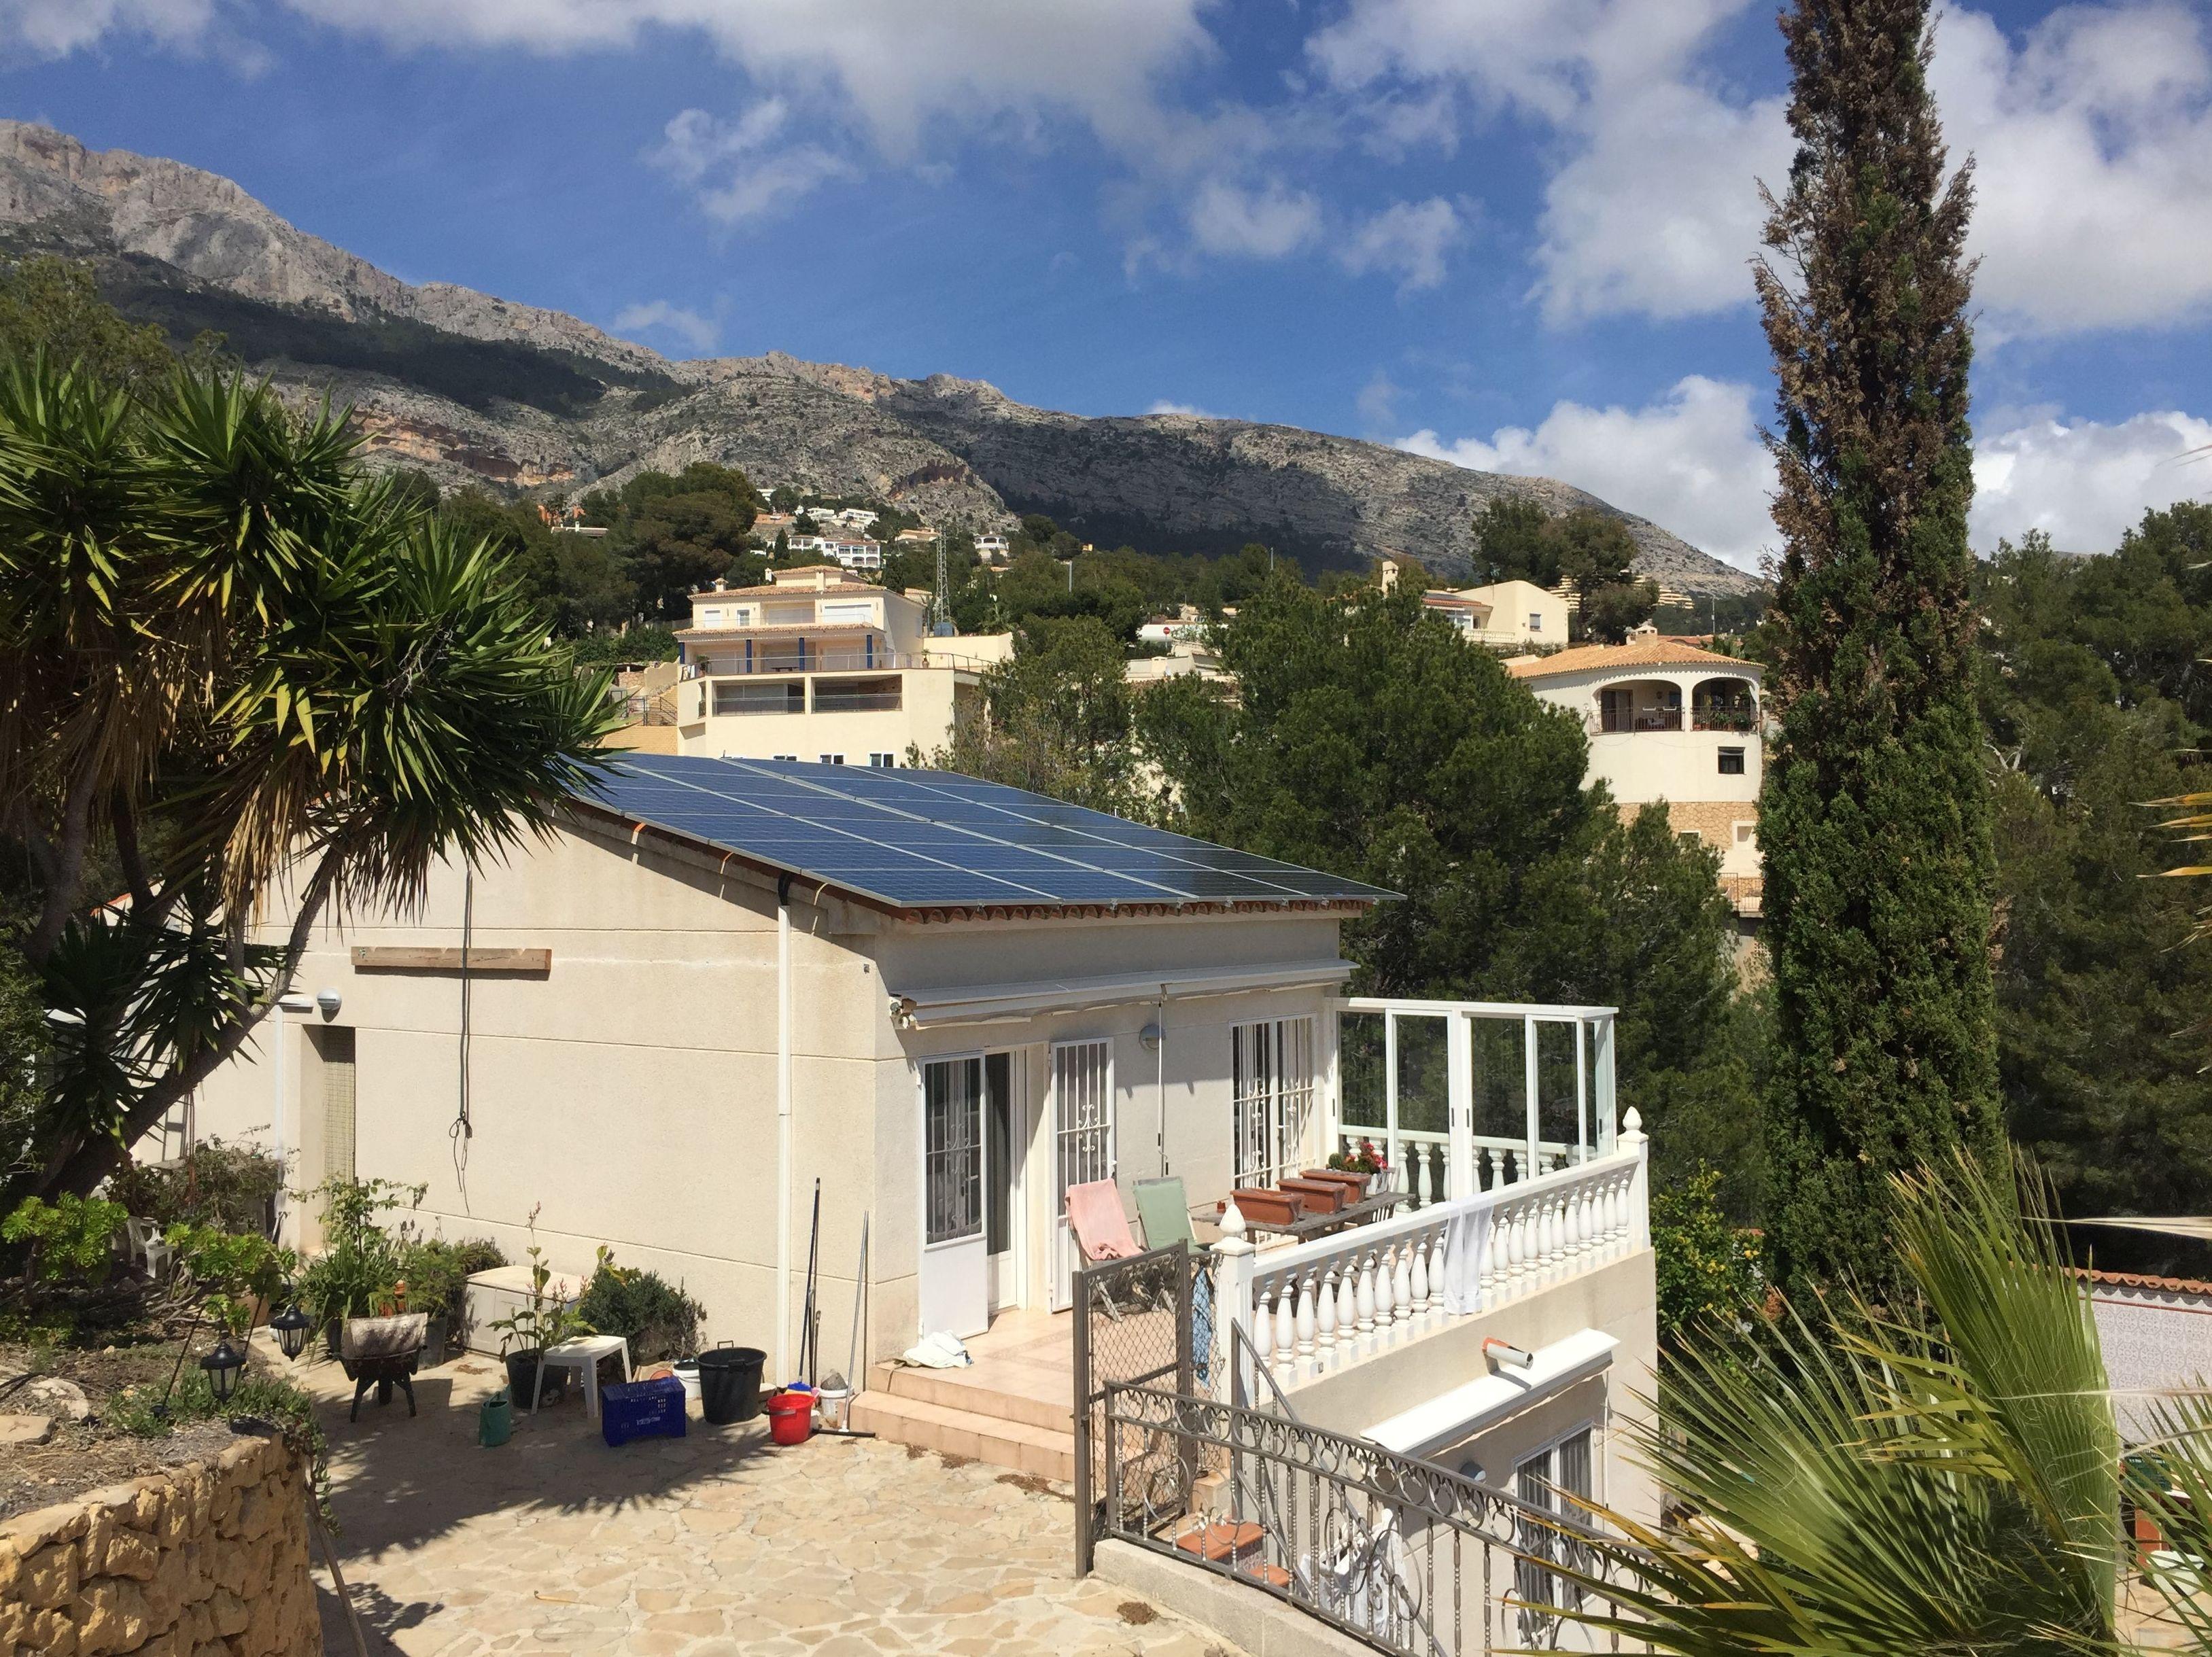 Instalación fotovoltaica aislada con 24 paneles solares